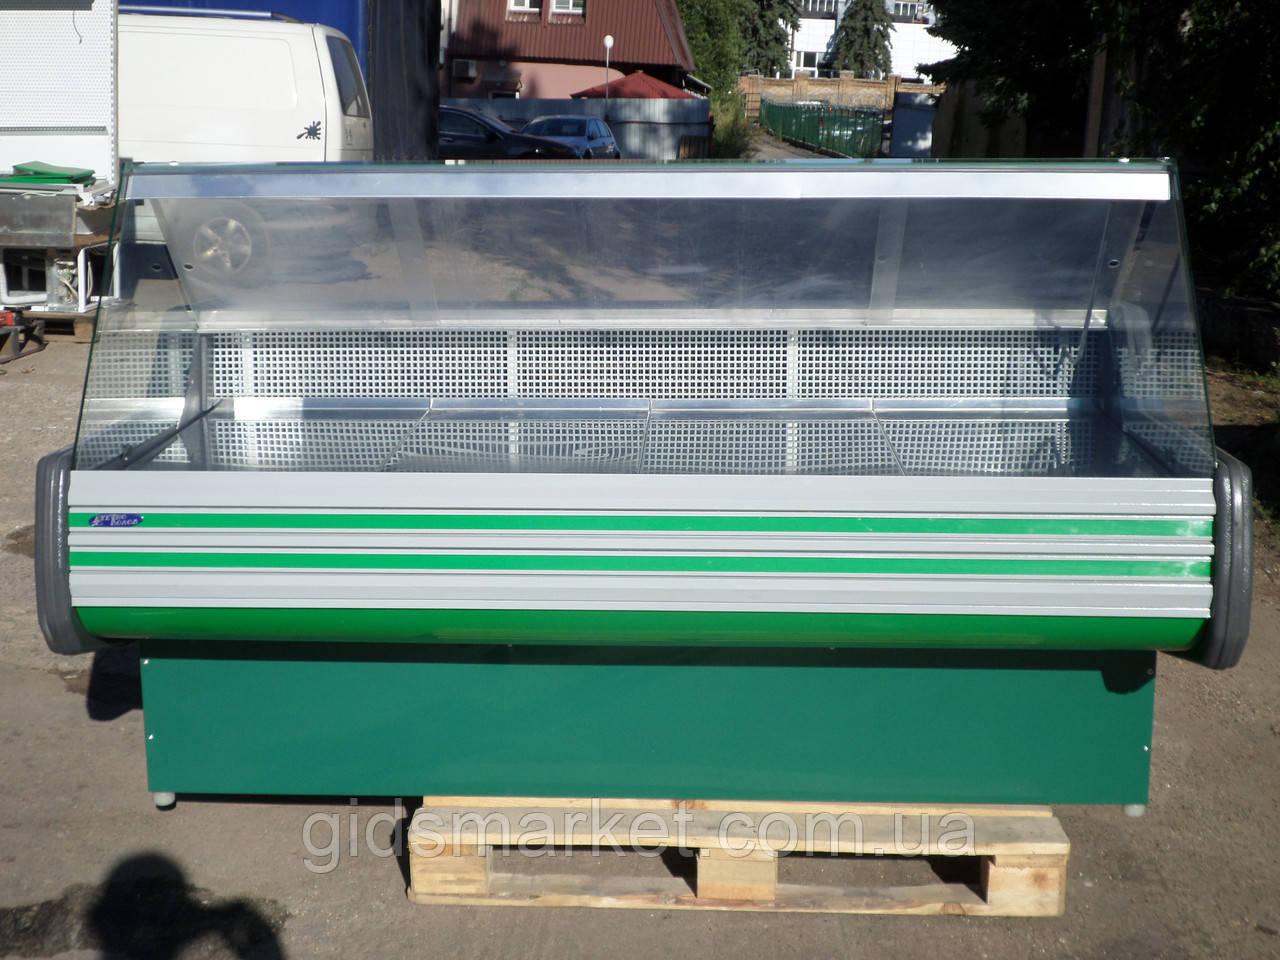 Гастрономічний прилавок Технохолод 2 м. б, холодильна вітрина б/у